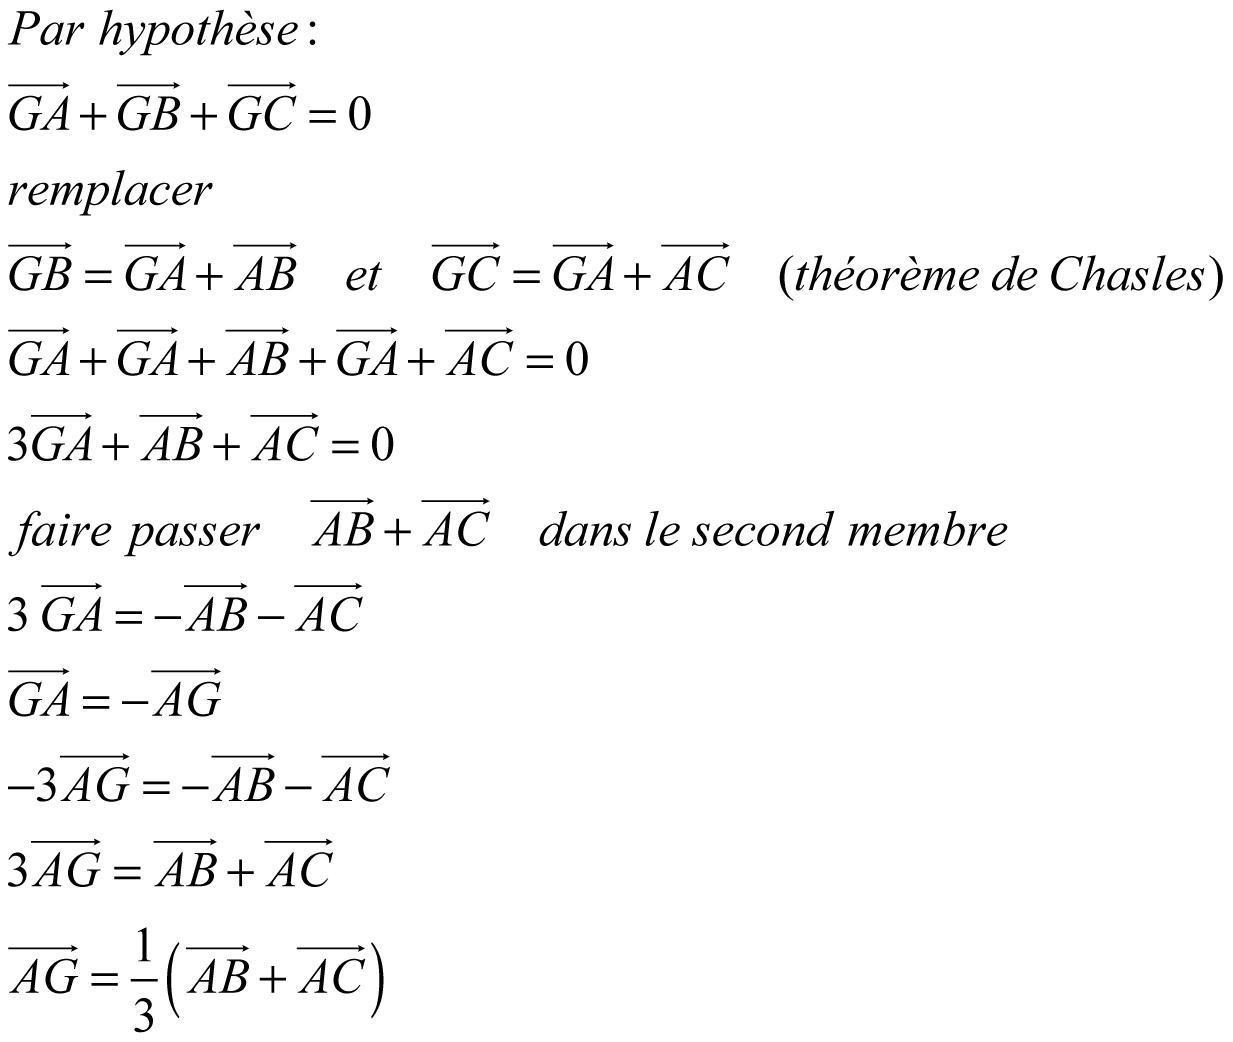 Bonsoir, Je bloque pas mal sur un exercice de mathématiques sur les vecteurs, voici l'énoncé ...